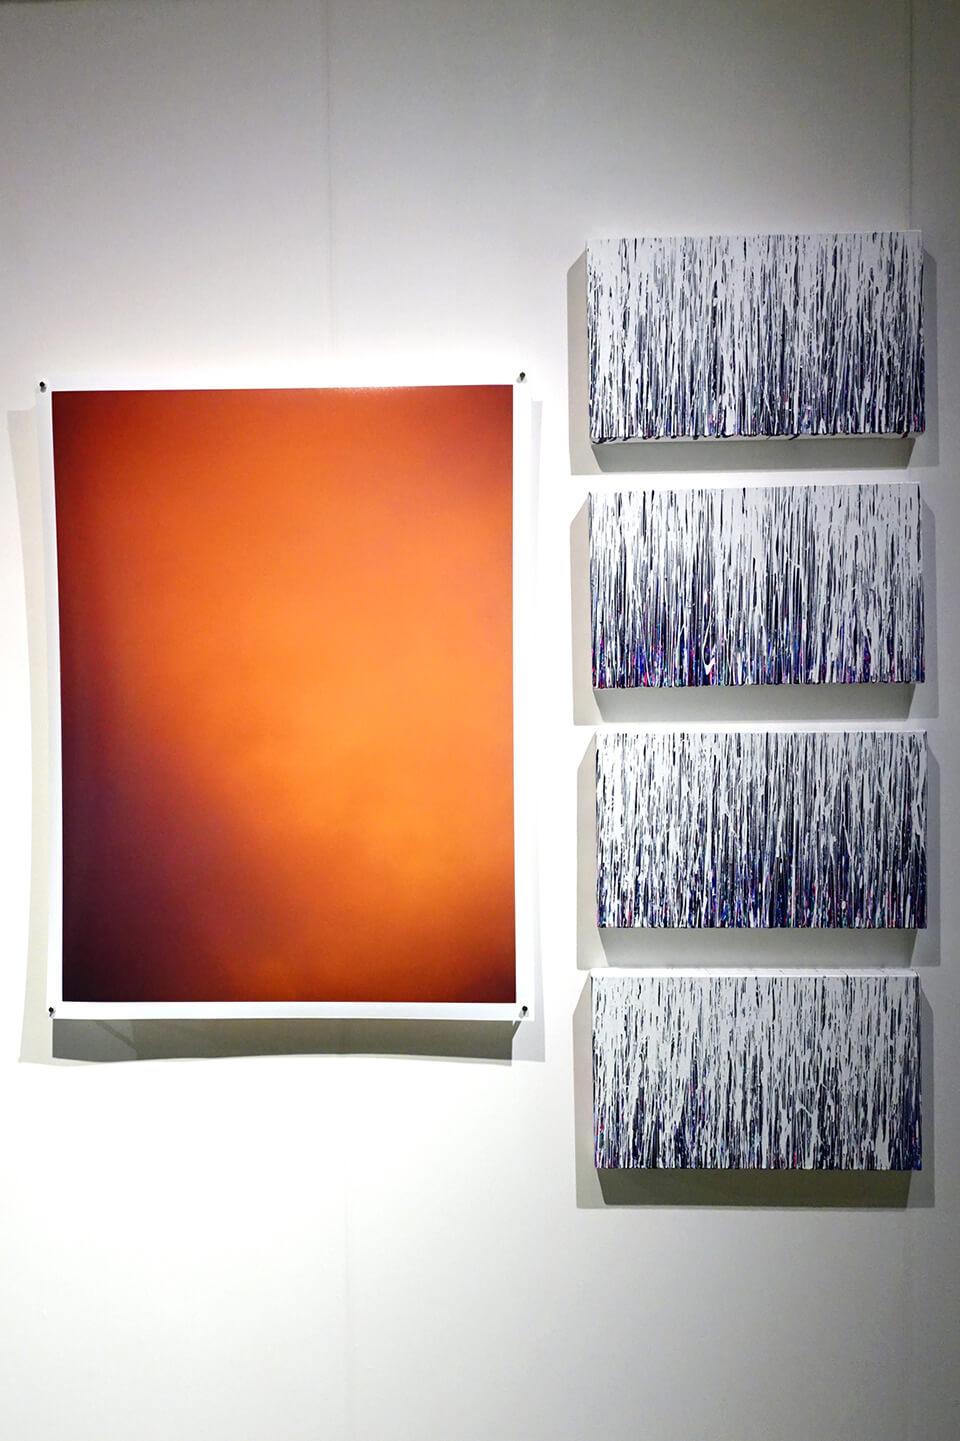 [左]大洲 大作 氏「夏の光Ⅱ」<br /> <br /> [右]「WM- RGB」<br /> 2016<br /> 27.3×45.5×4cm<br /> acrylic on canvas